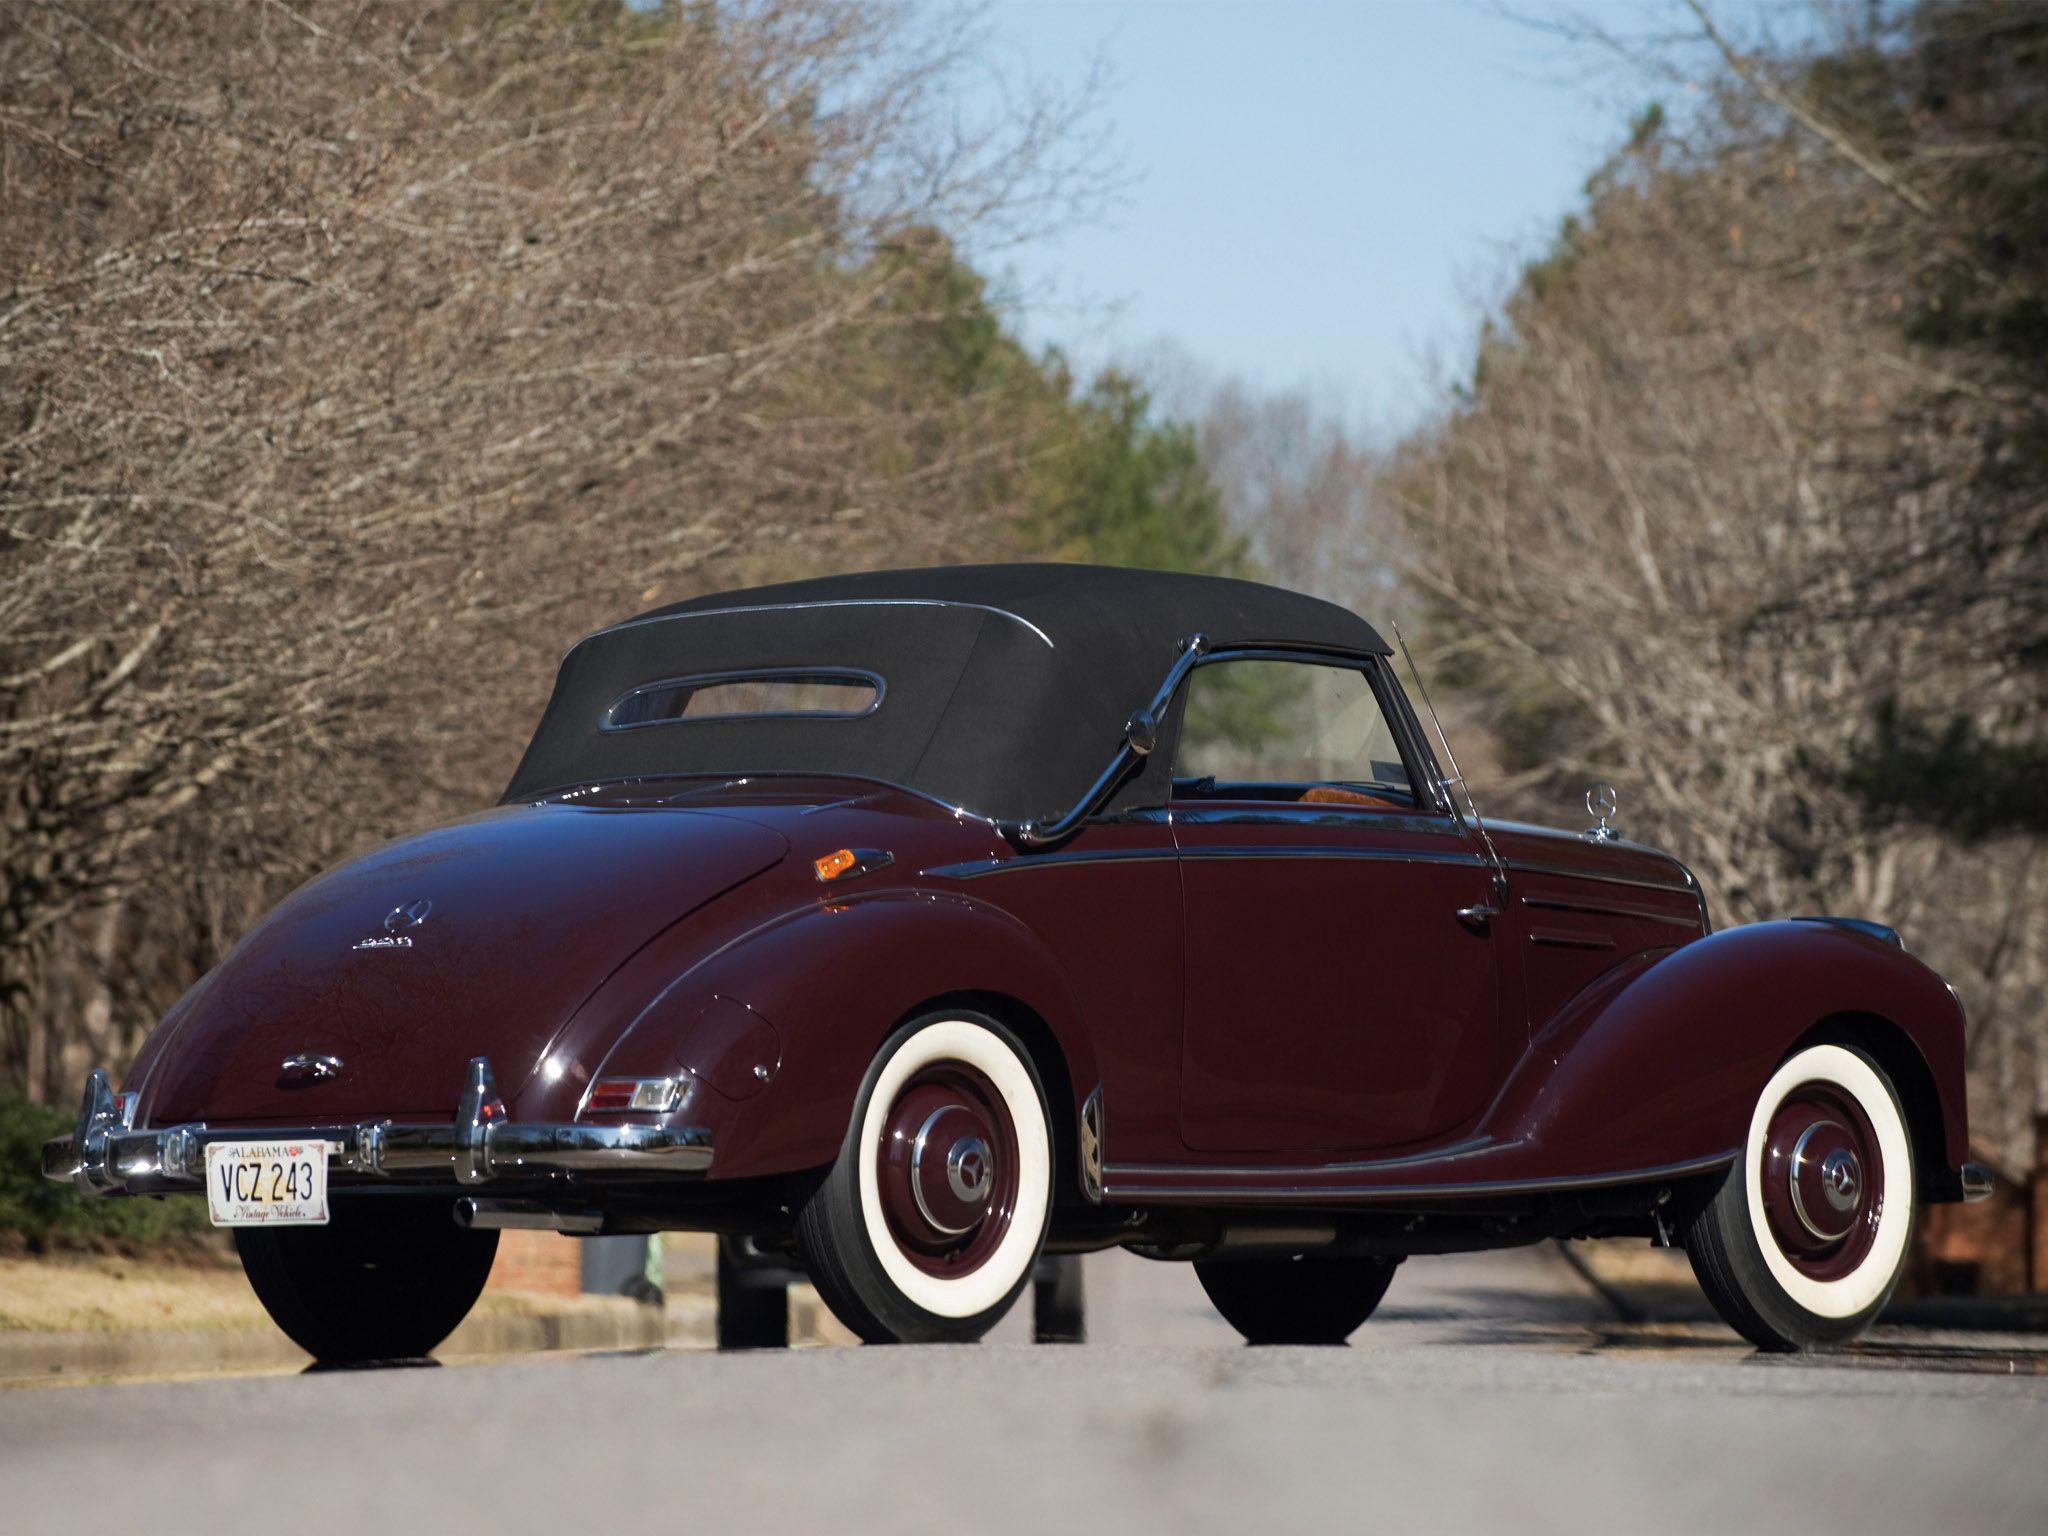 1951 Mercedes-Benz 220 - 1951 Mercedes-Benz 220 Value | 2 Door ...